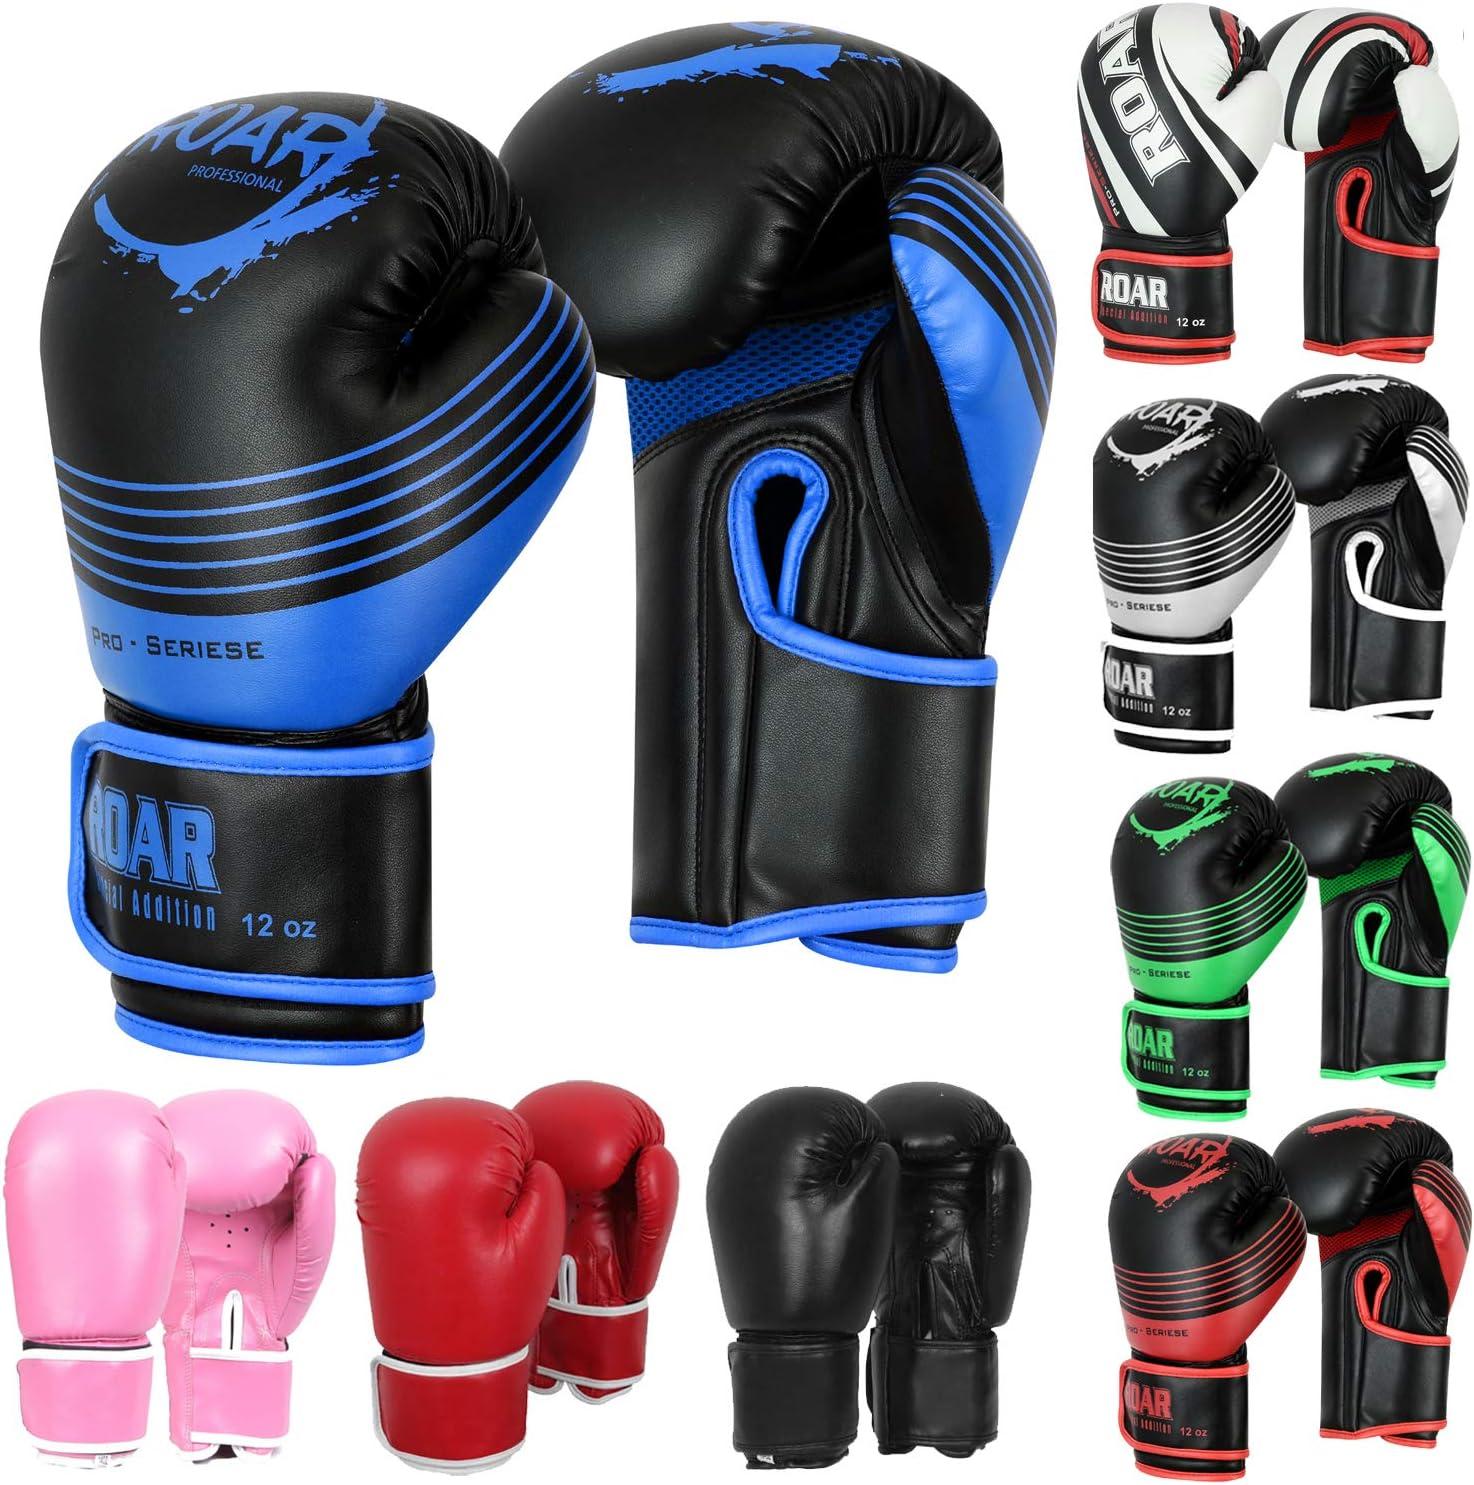 MMAゲルボクシンググローブPunchingトレーニングバッグMitts Muay Thai Kickboxingジム手袋 ブルー/ブラック 10oz